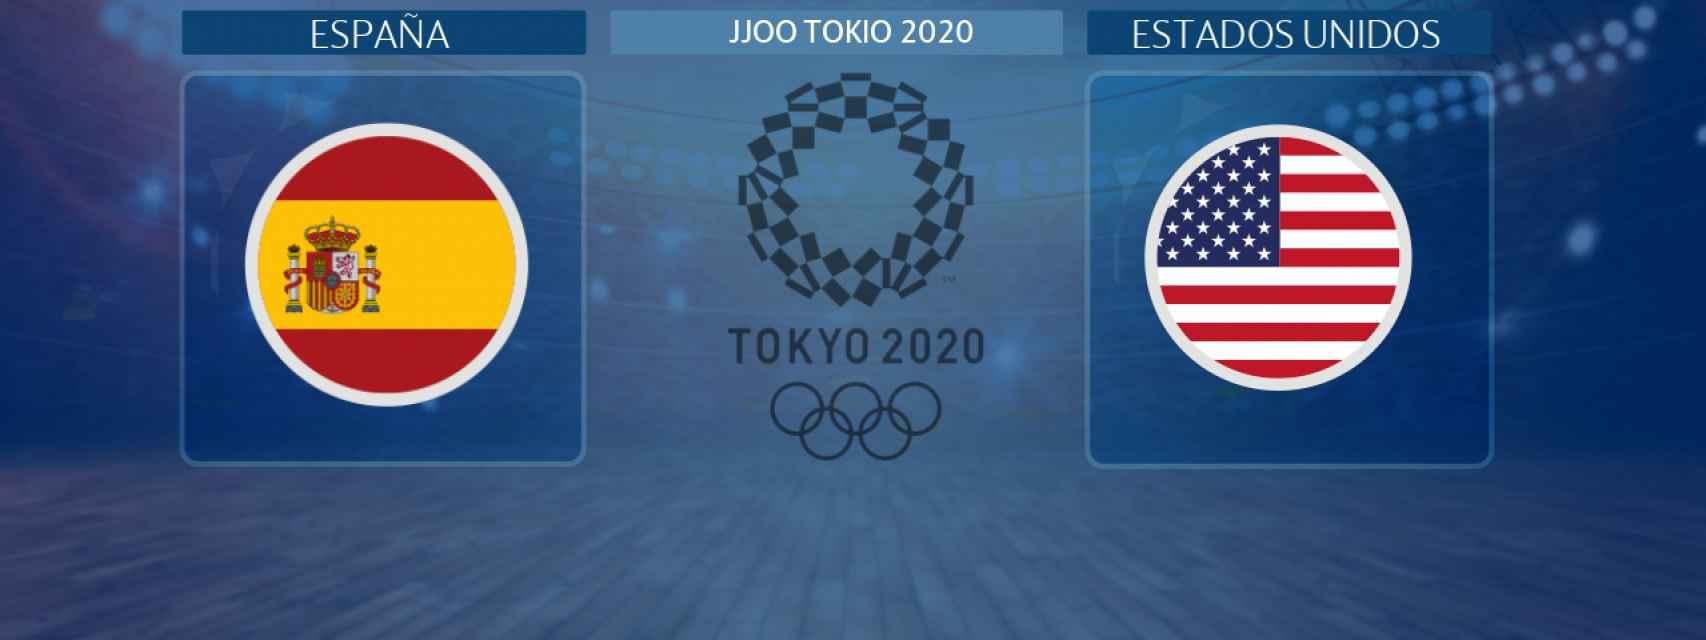 España - Estados Unidos: siga en directo el partido de baloncesto masculino de los JJOO Tokio 2020